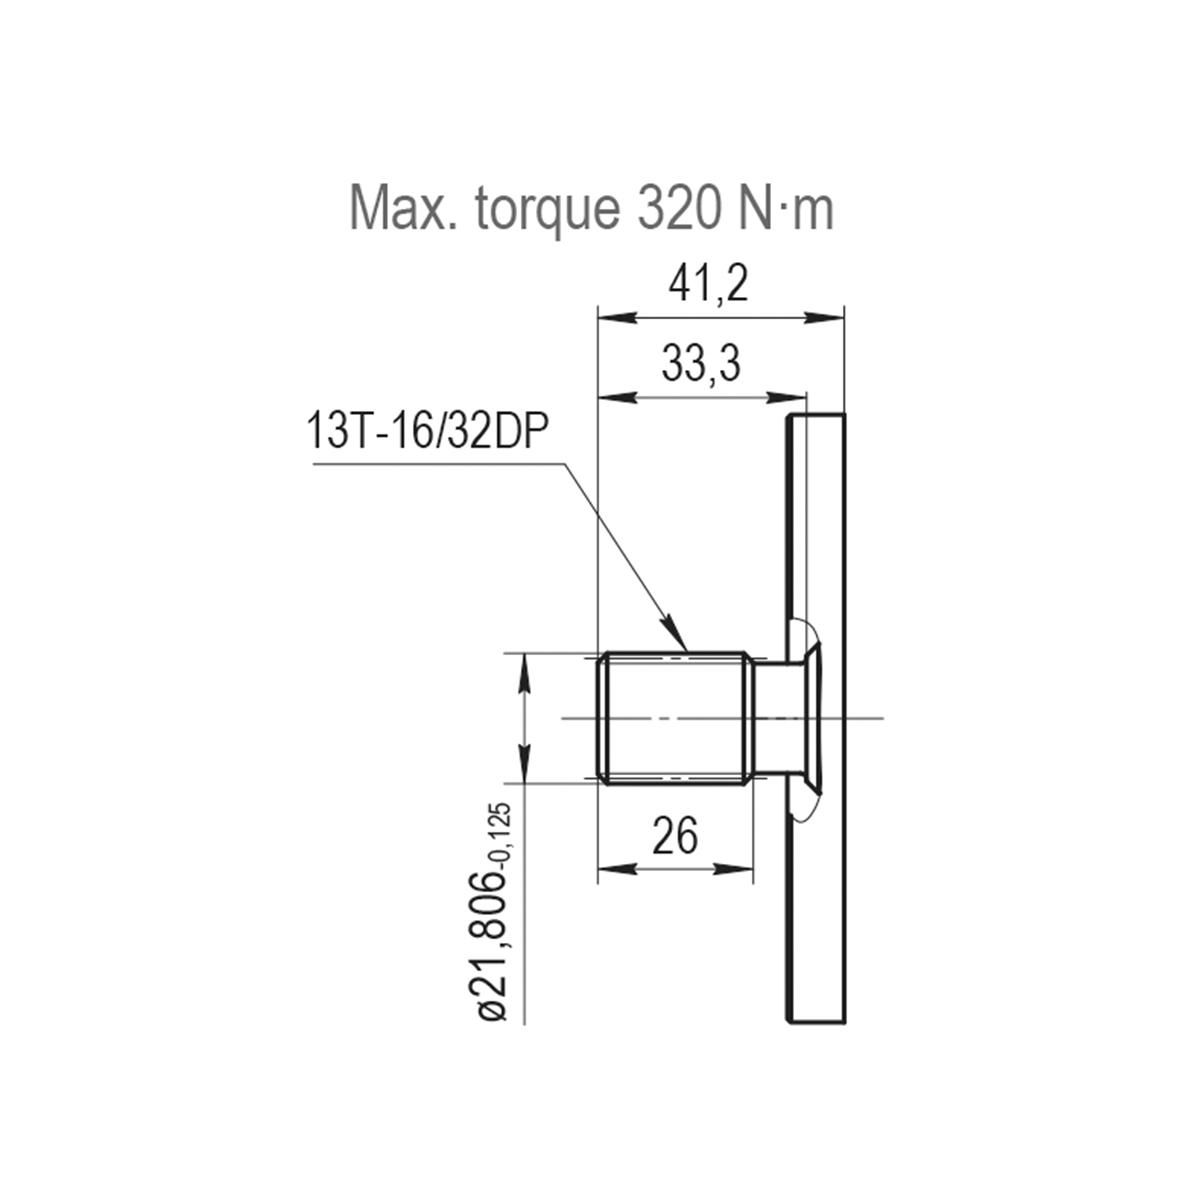 2.74 CID hydraulic gear pump, 13 tooth spline shaft counter-clockwise gear pump | Magister Hydraulics